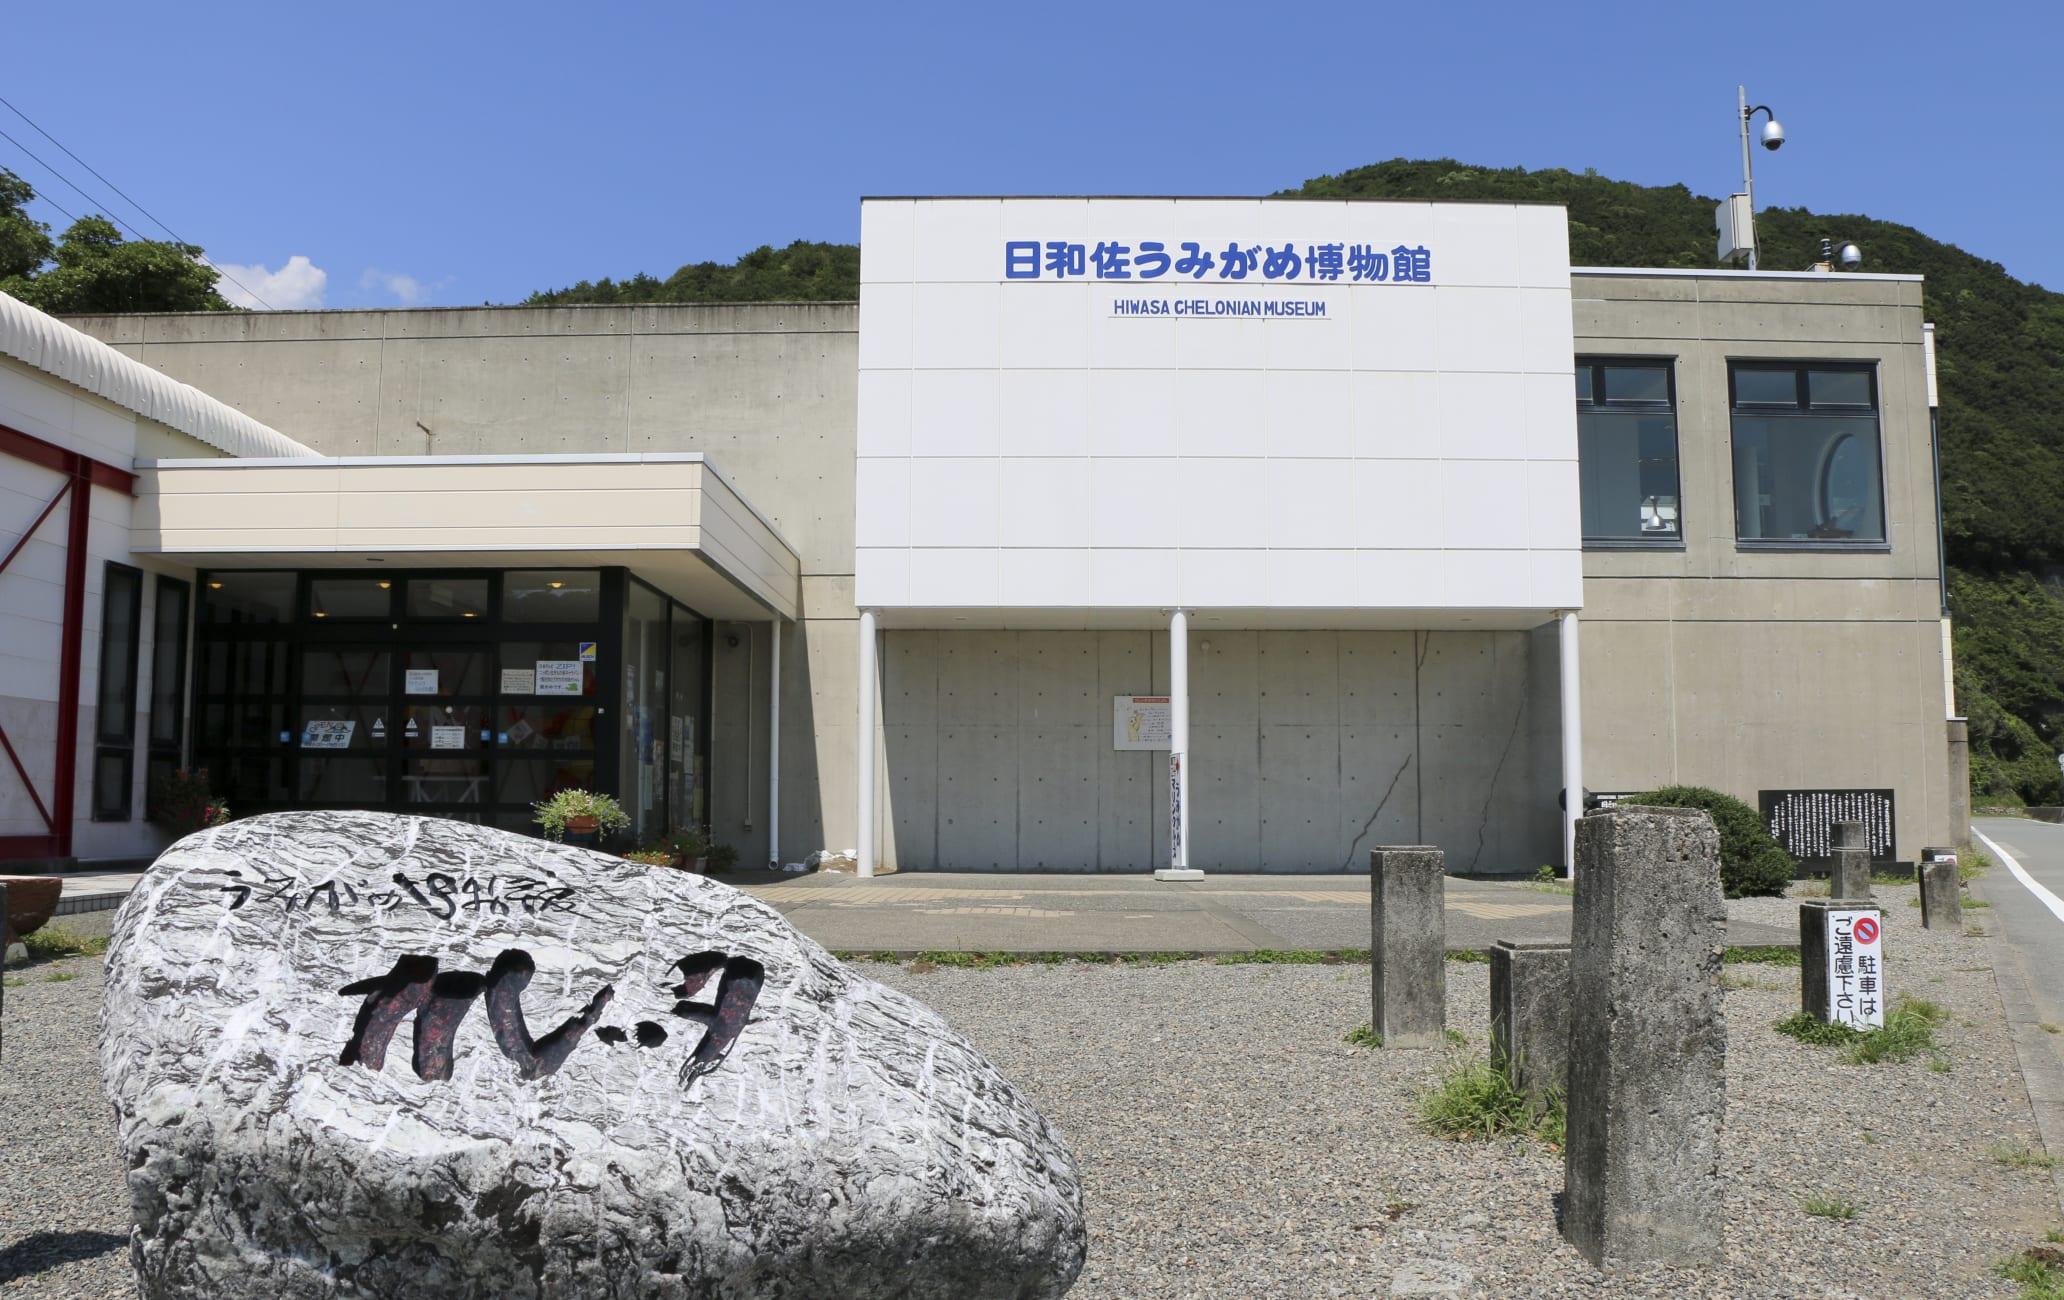 Hiwasa Chelonian Museum CARETTA